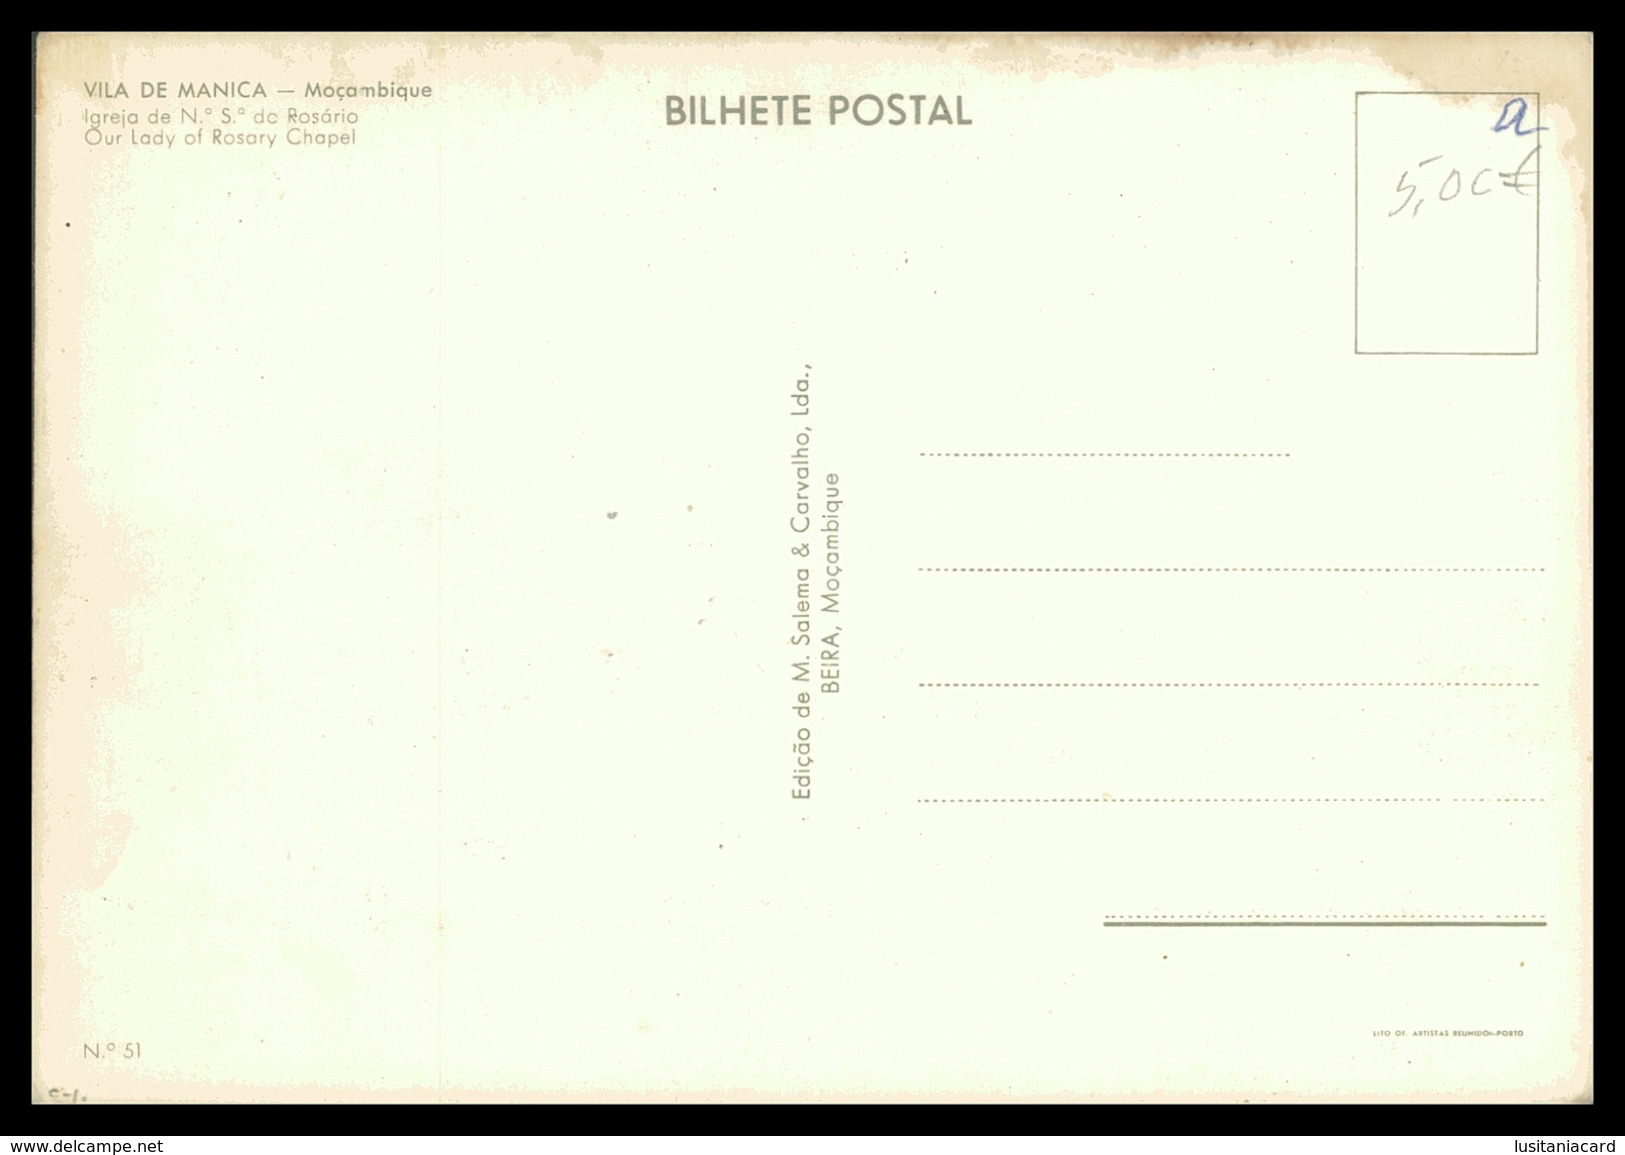 VILA DE MANICA - Igreja De Nª.Sª. Do Rosario ( Ed. M. Salema & Carvalho Lda Nº 51)  Carte Postale - Mozambique